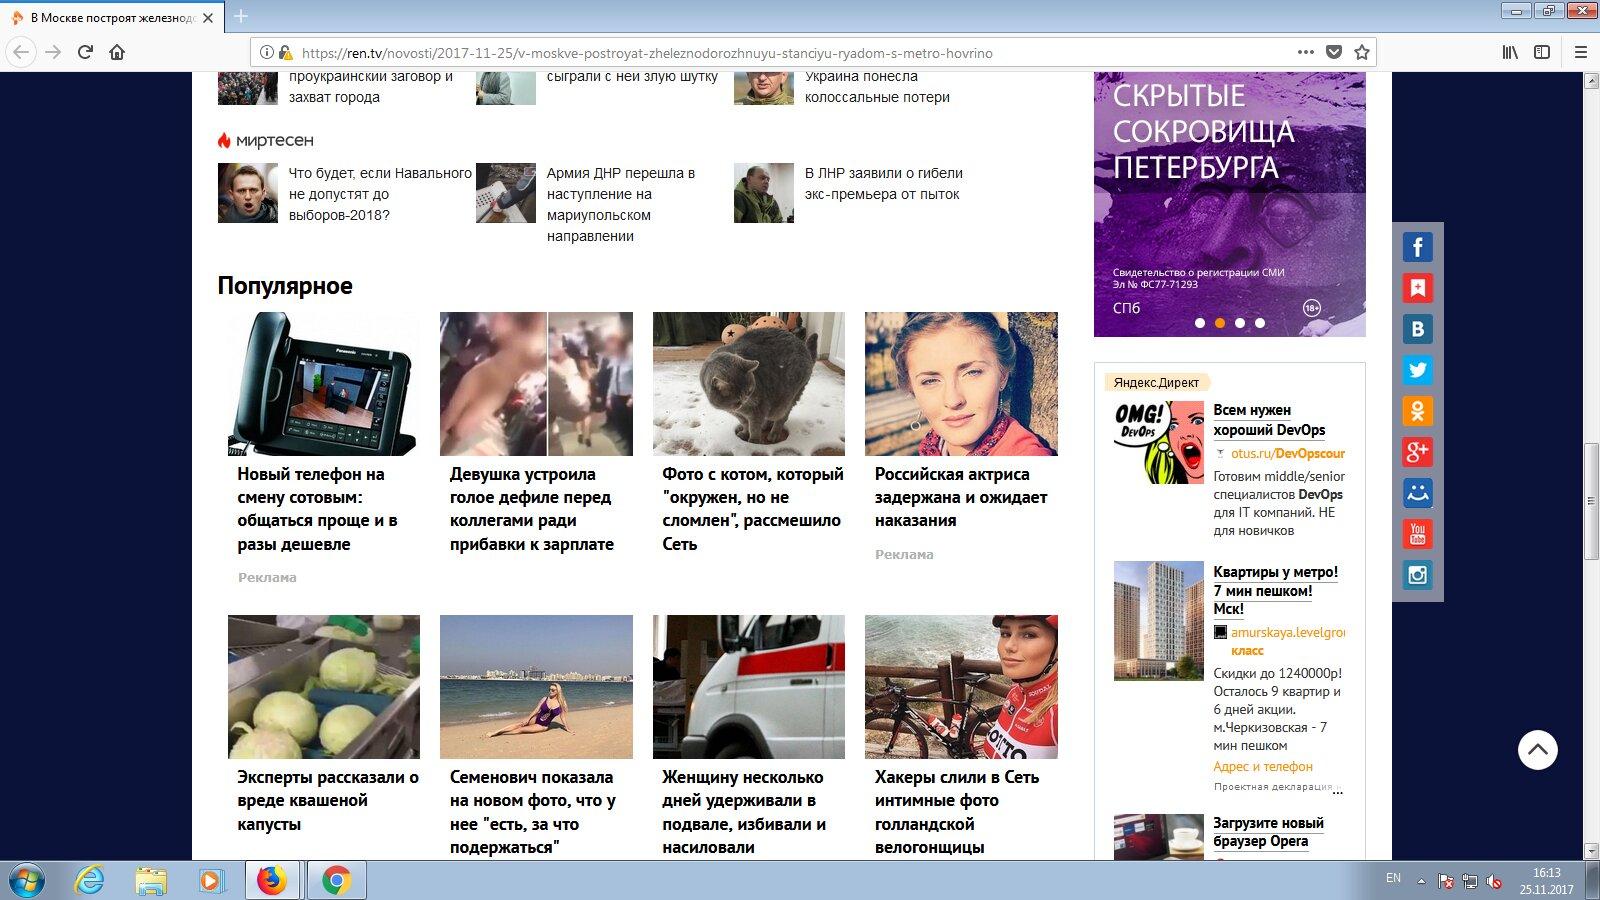 Фрагмент сайта РенТВ без фильтрации рекламы, продолжение